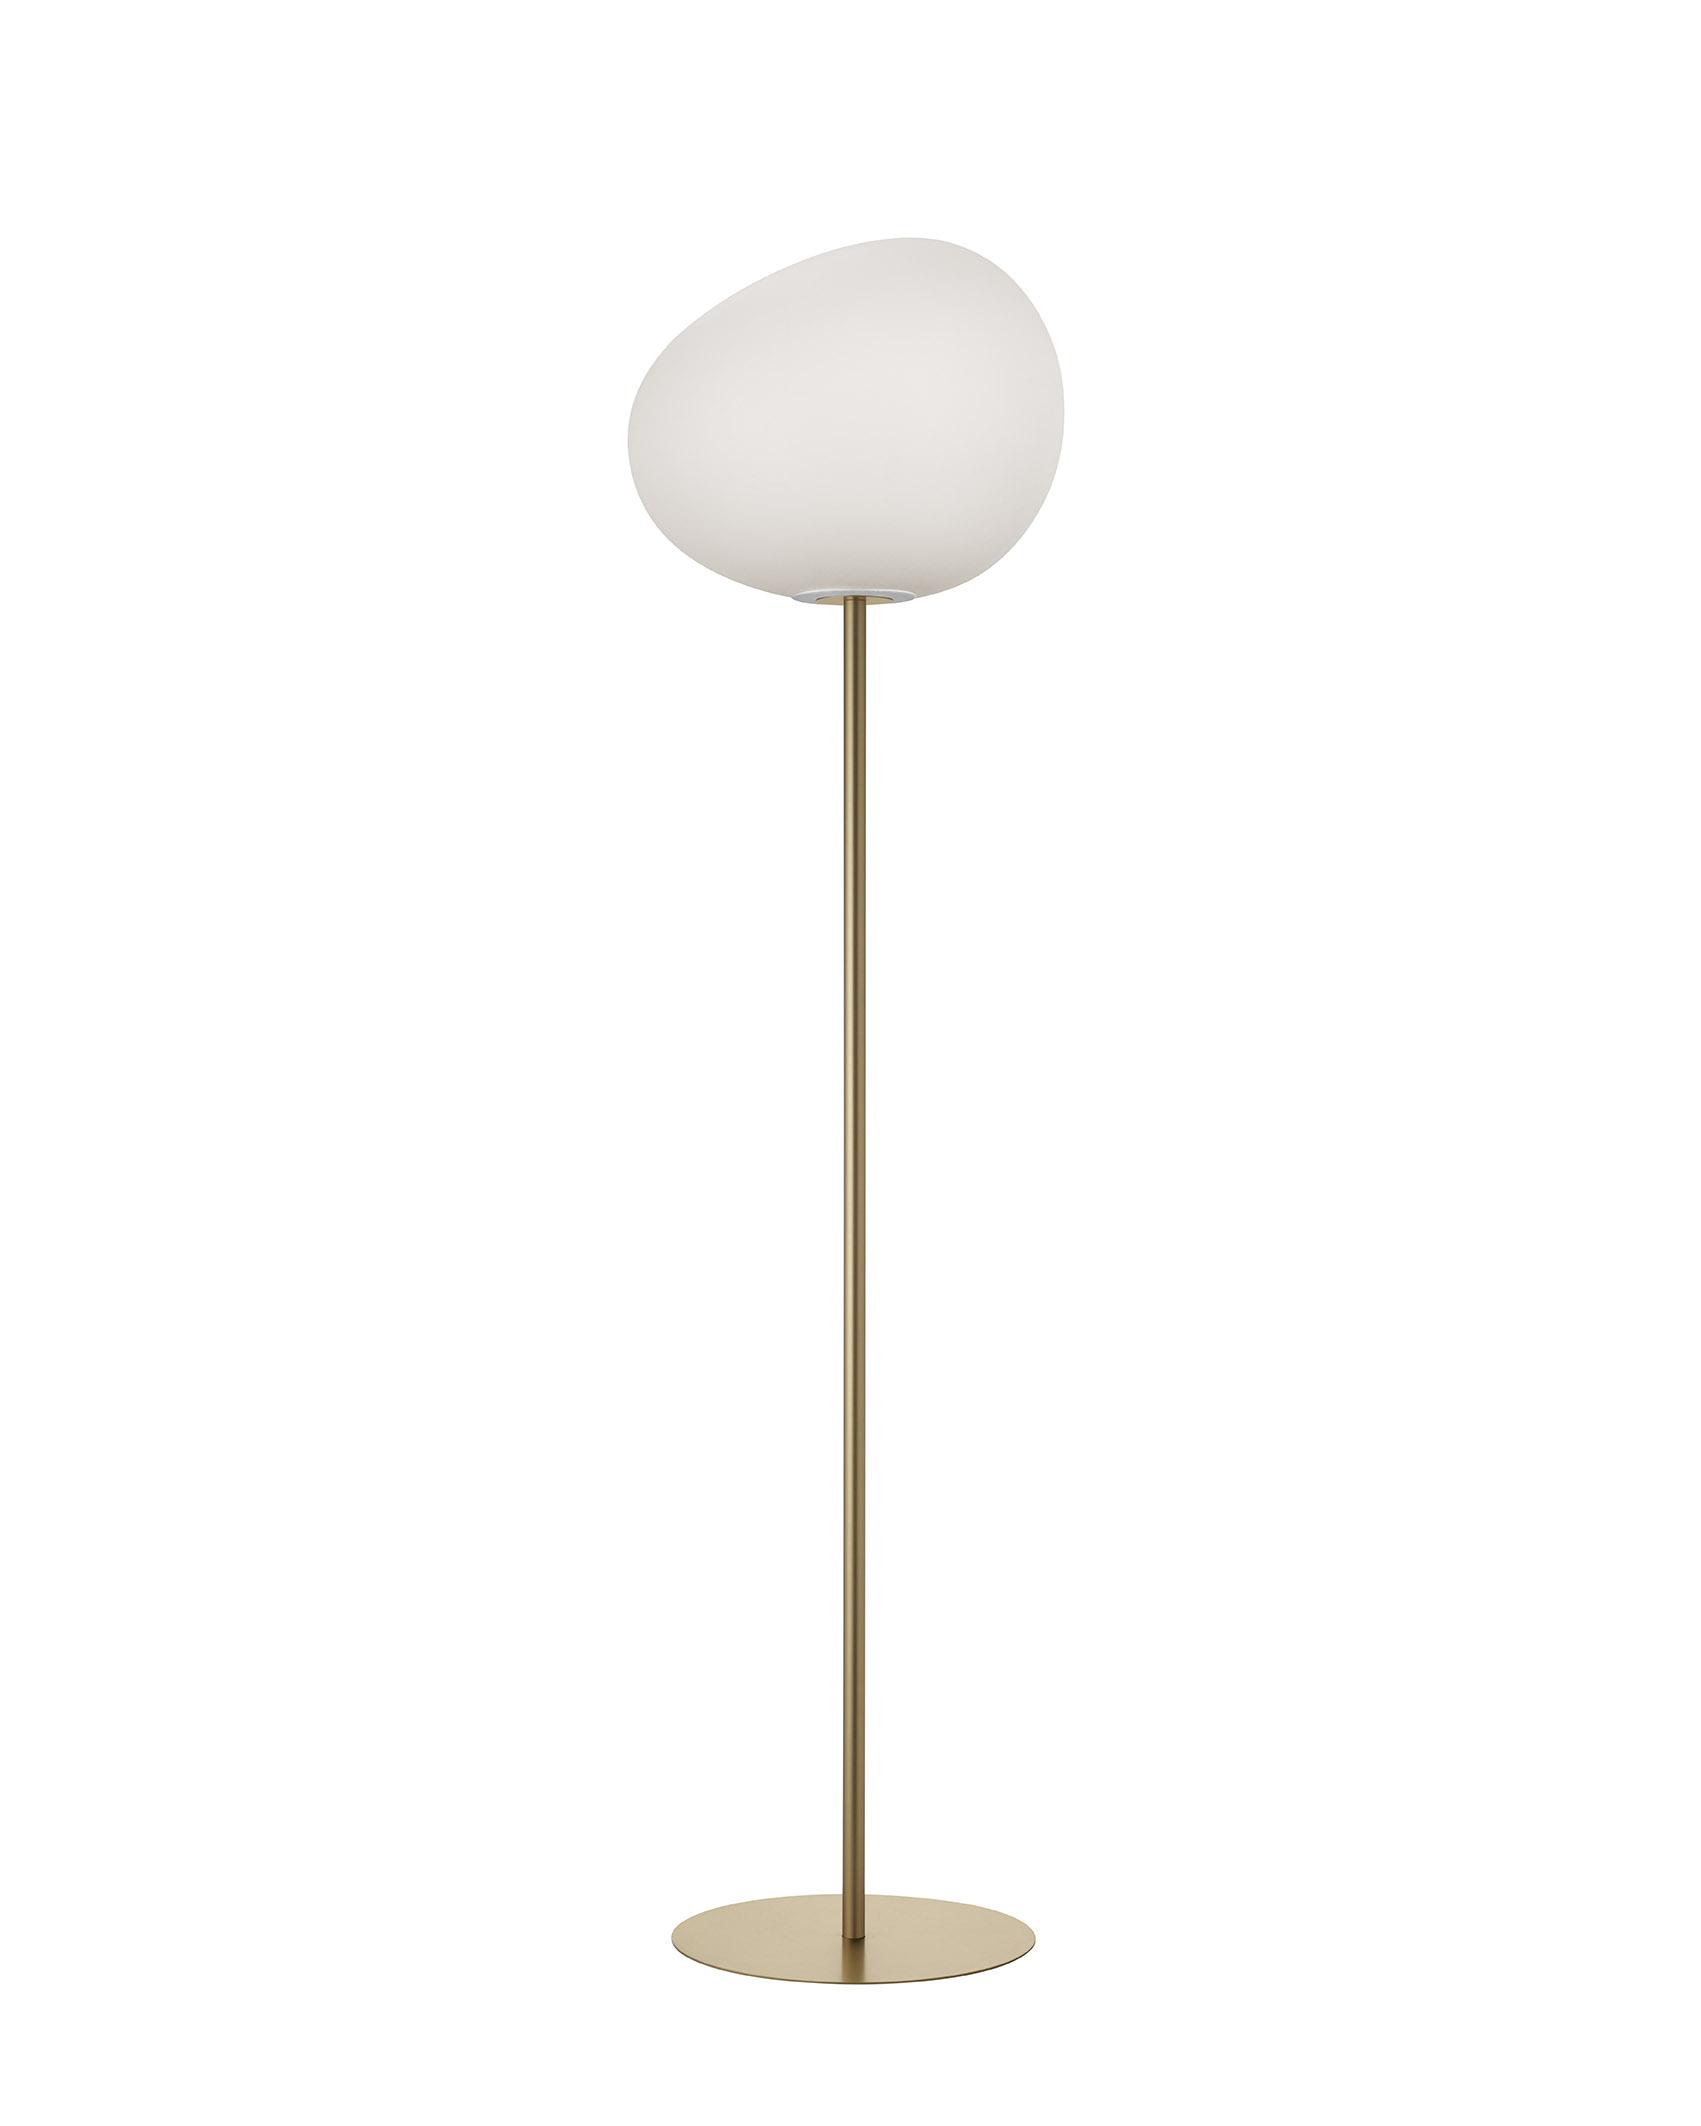 Lampada da terra Gregg Mix&Match in vetro soffiato acidato e metallo verniciato color oro realizzata da Ludovica+Roberto Palomba per Foscarini